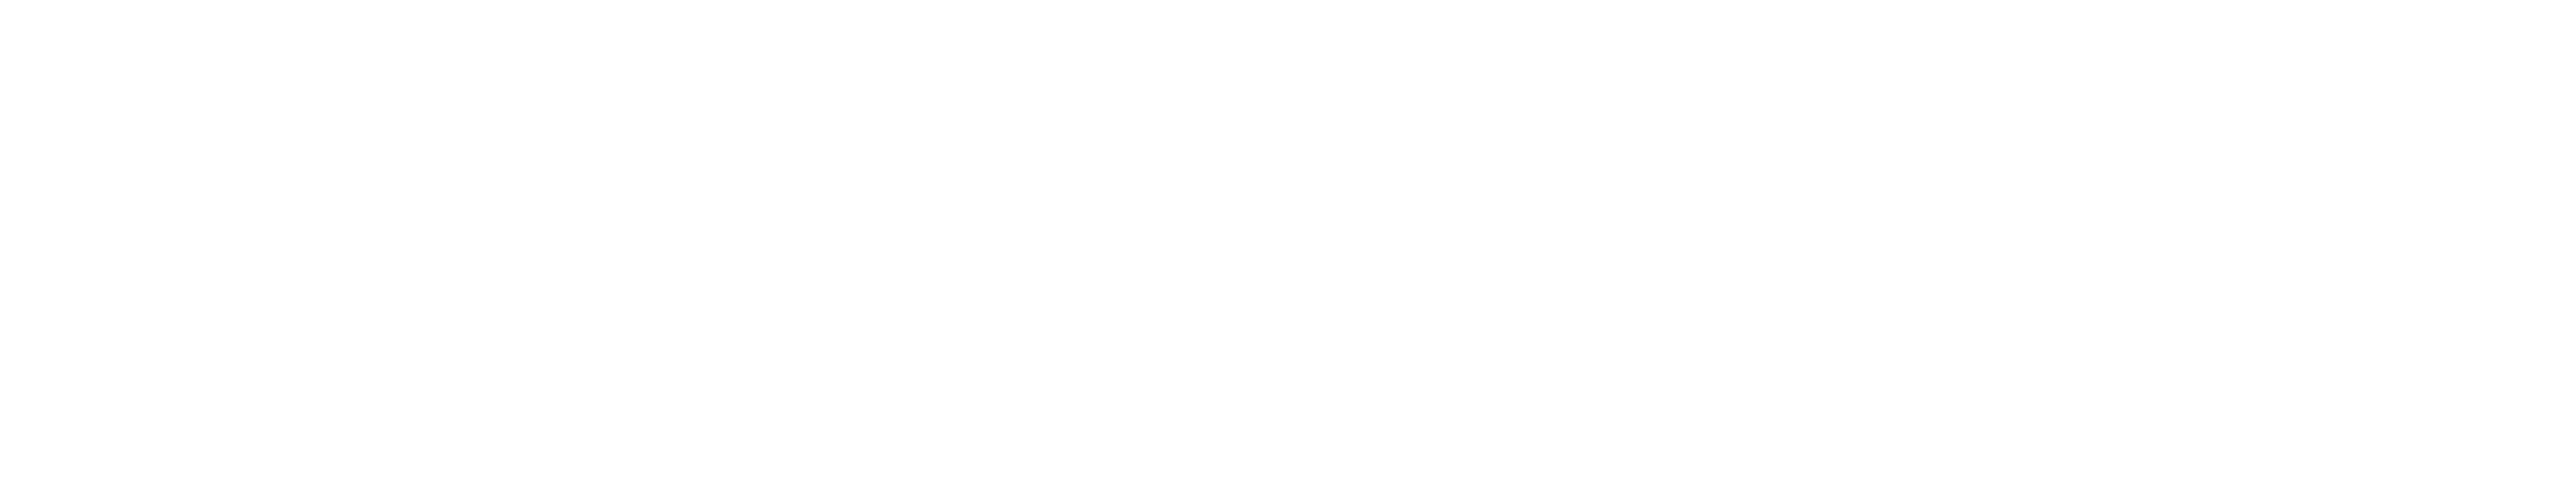 Tacticlip logo